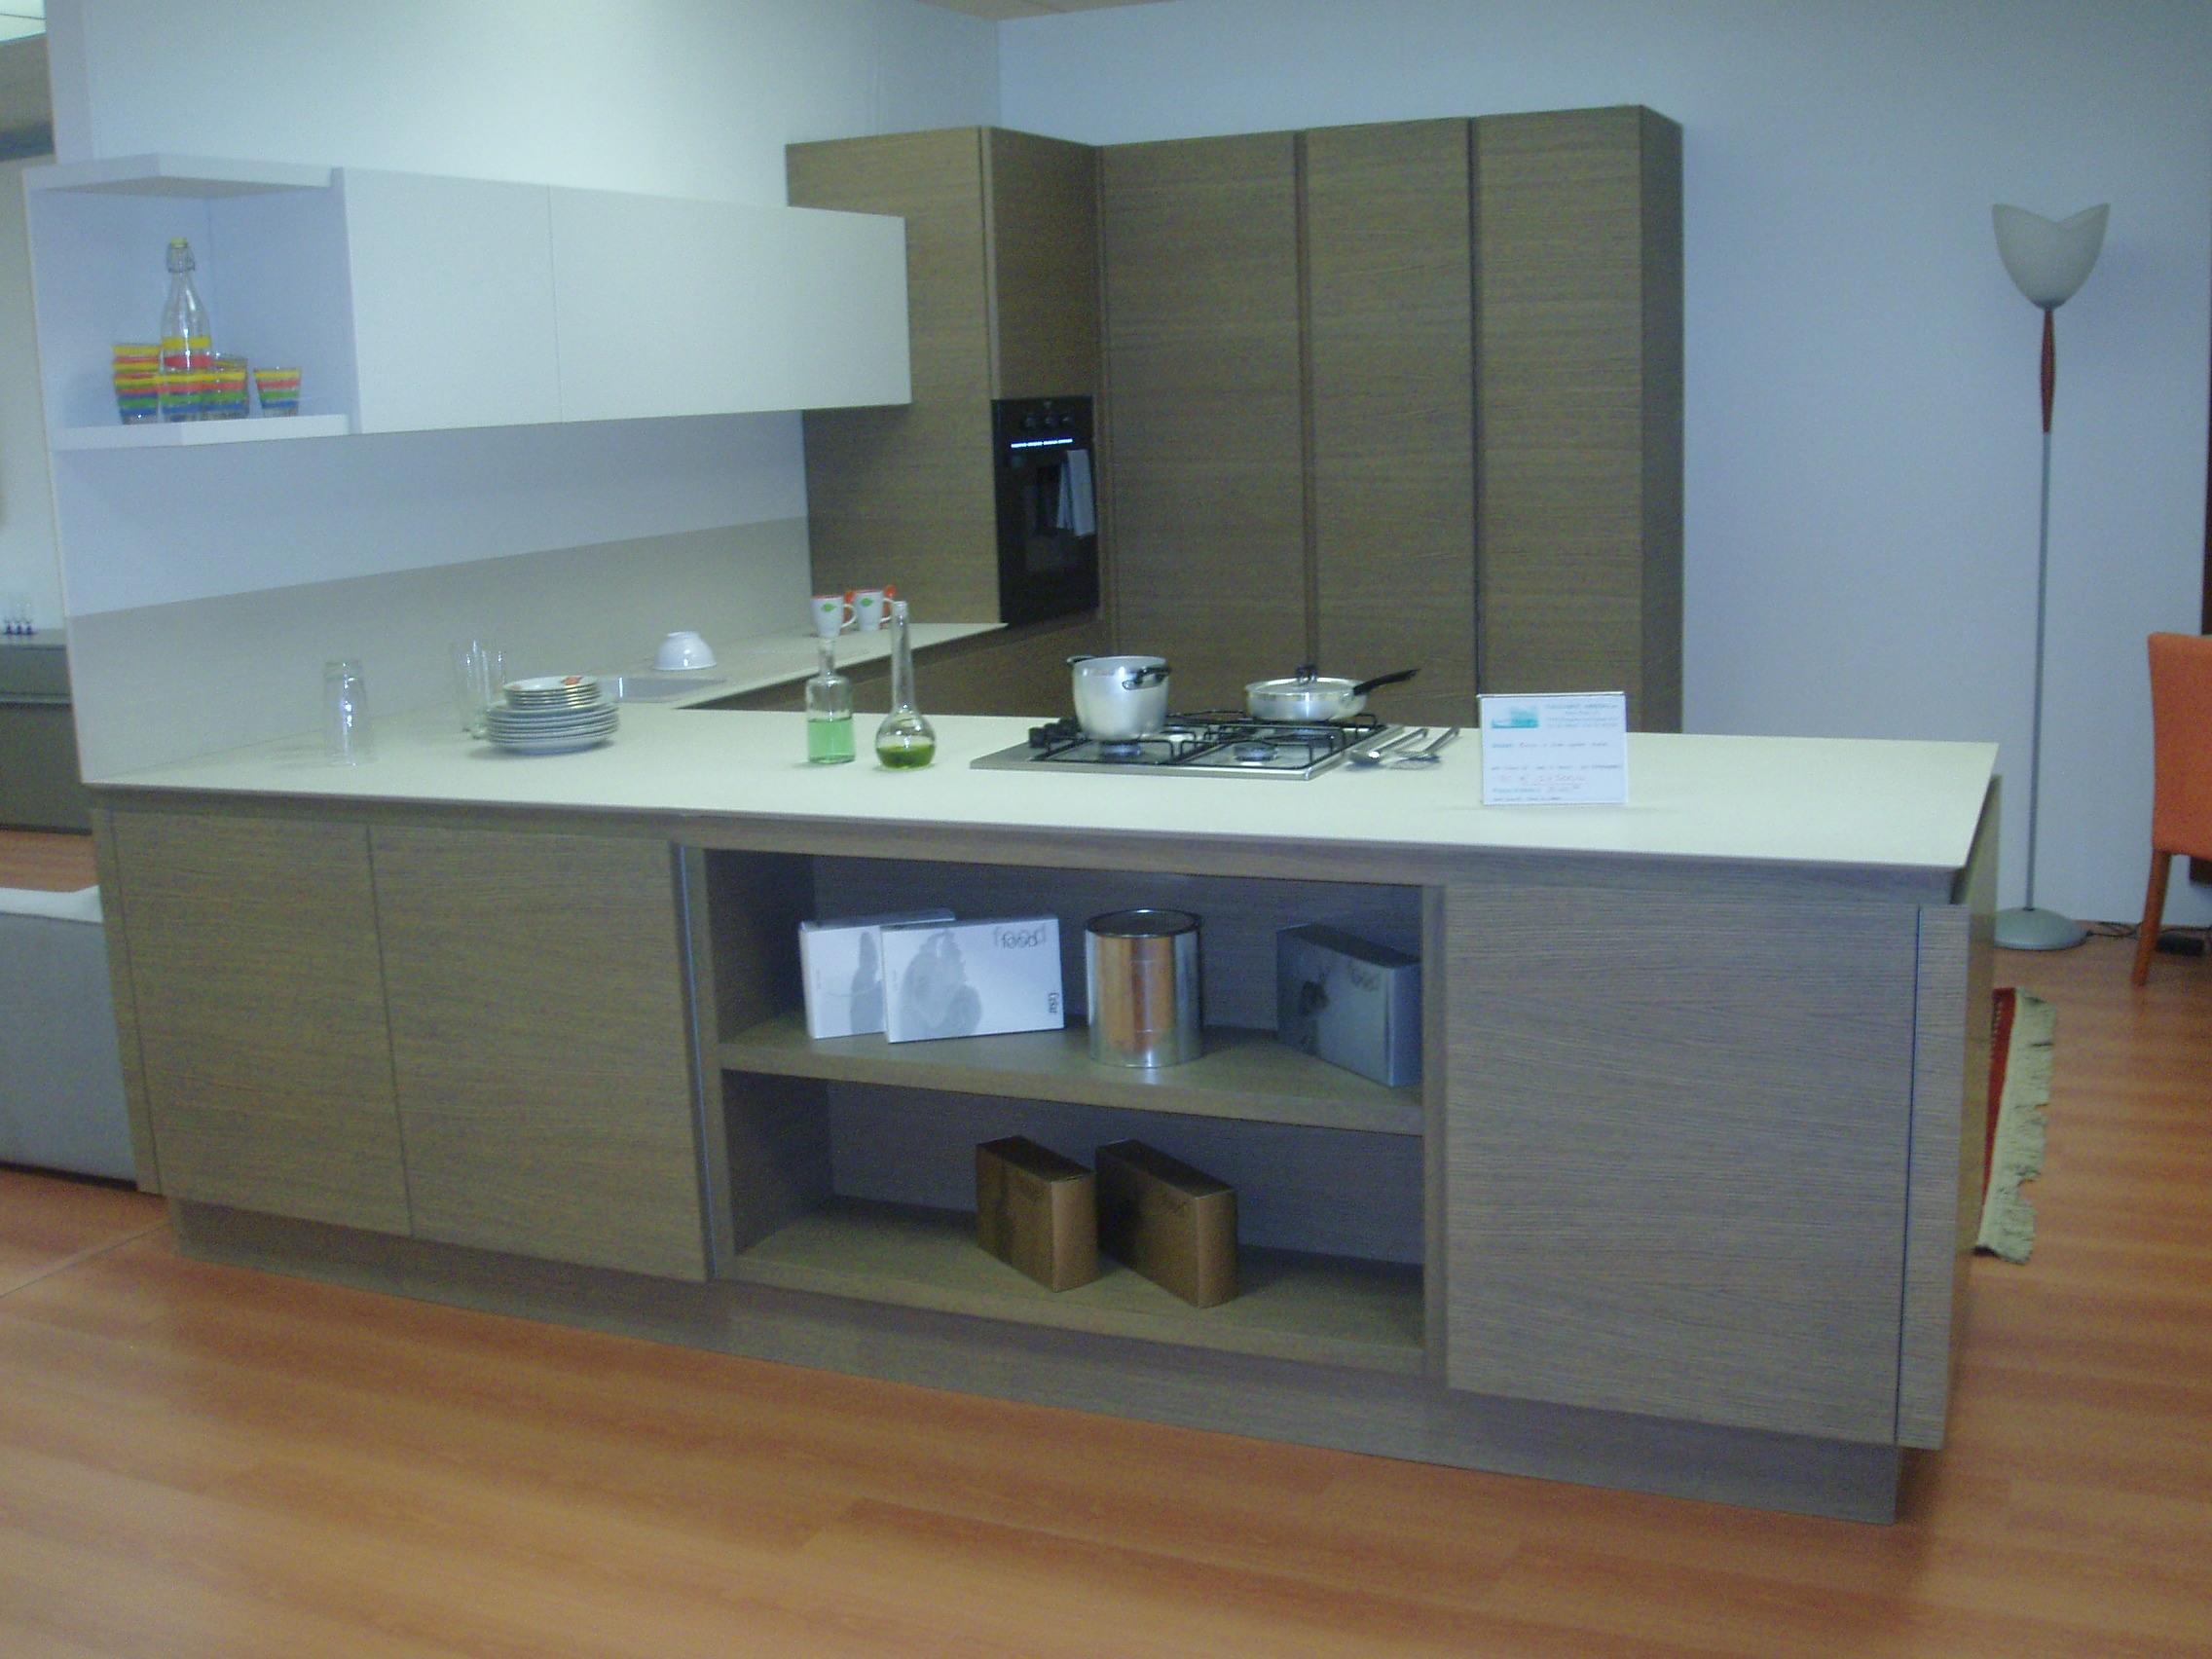 Cucina cof legno moderna legno cucine a prezzi scontati - Cucina in legno moderna ...